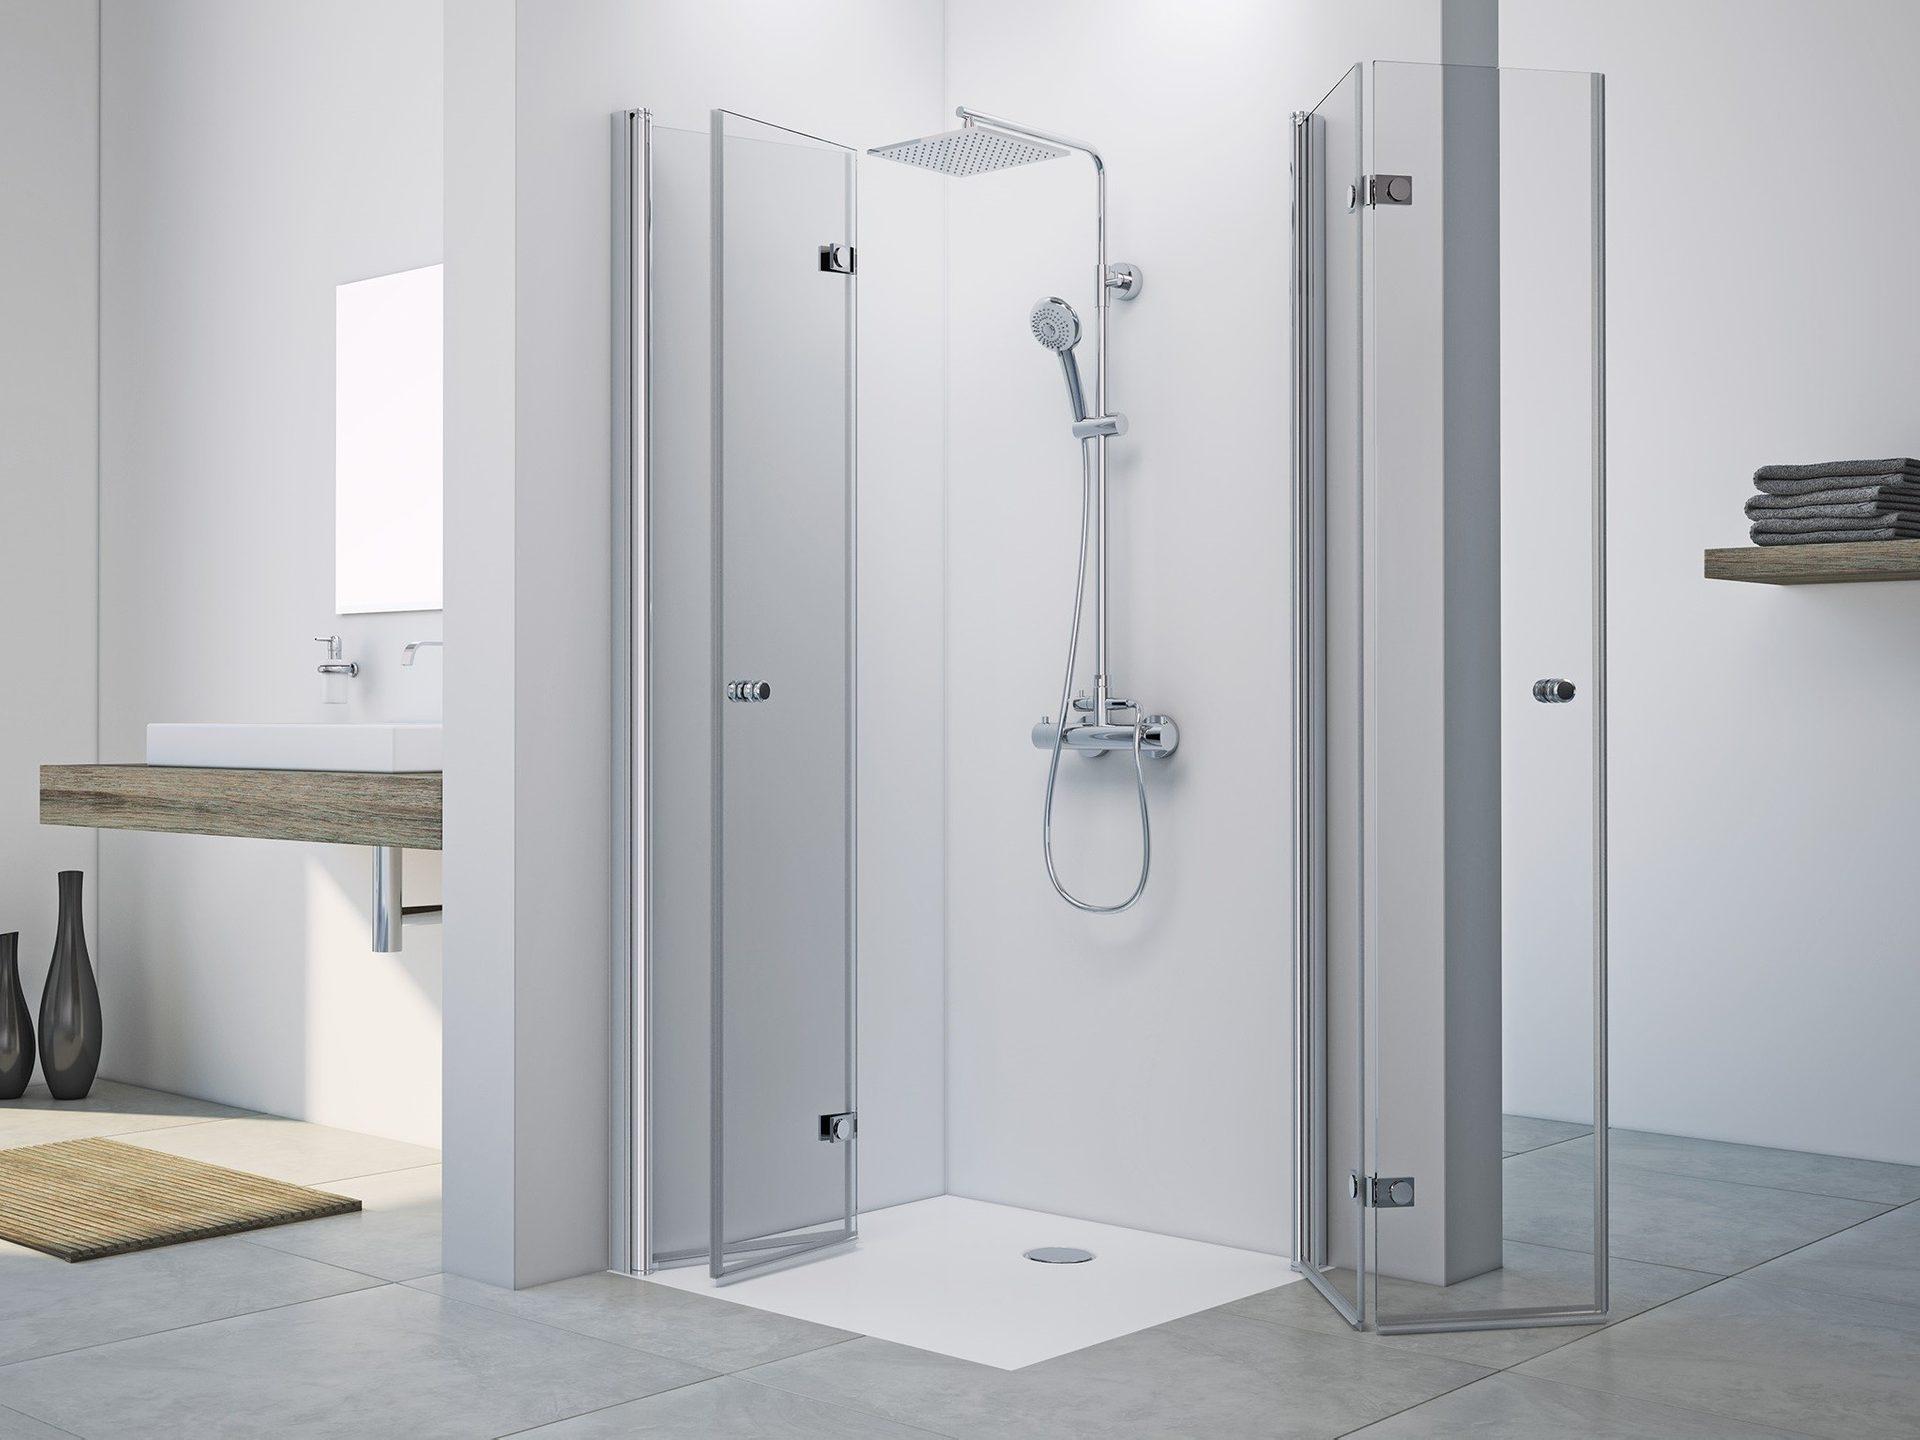 Dusche Drehfalttür Eckeinstieg 100 x 100 x 220 cm